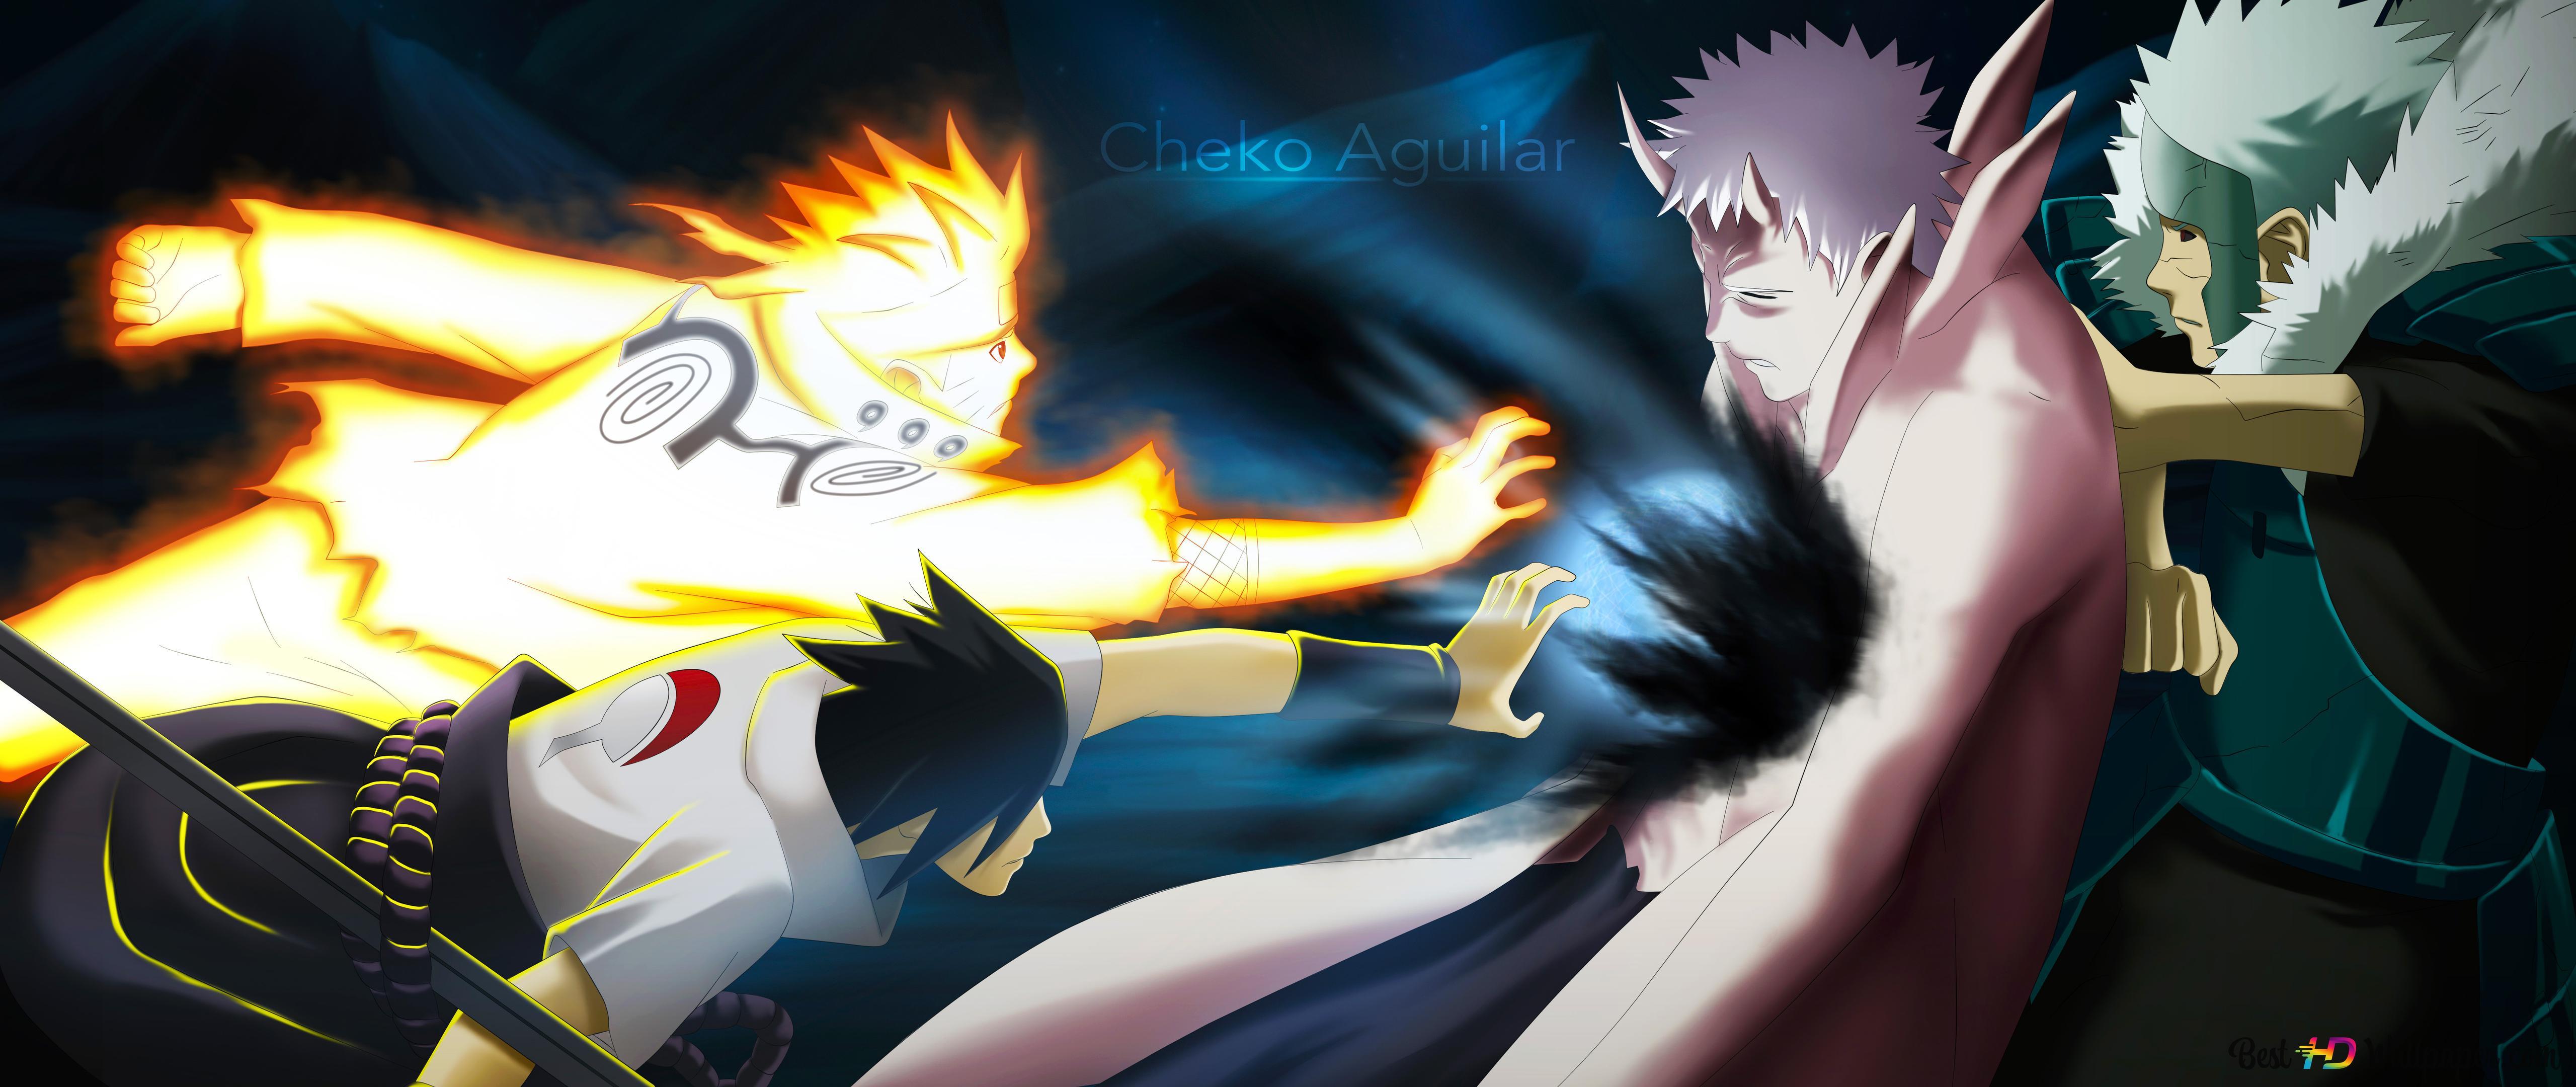 Naruto Shippuden Naruto Uzumaki Sasuke Uchiha Obito Uchiha Tobirama Senju Hd Wallpaper Download